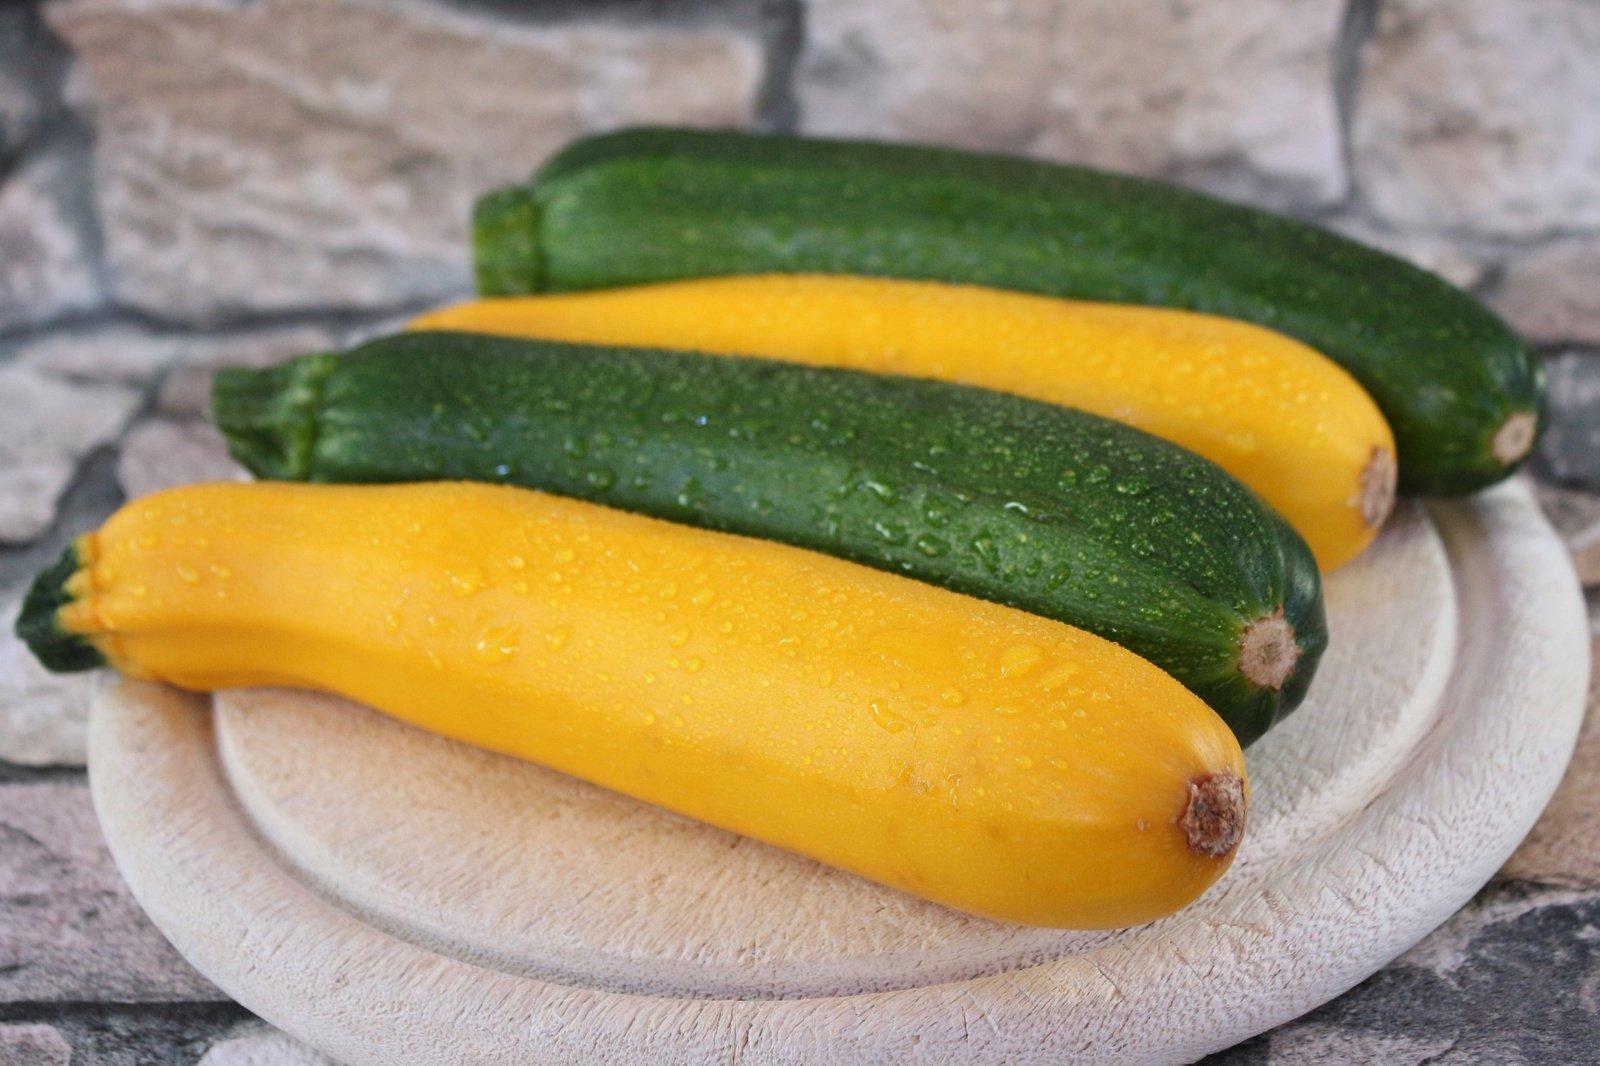 Rudens daržovė cukinija: naudinga ir žalia, ir paruošta